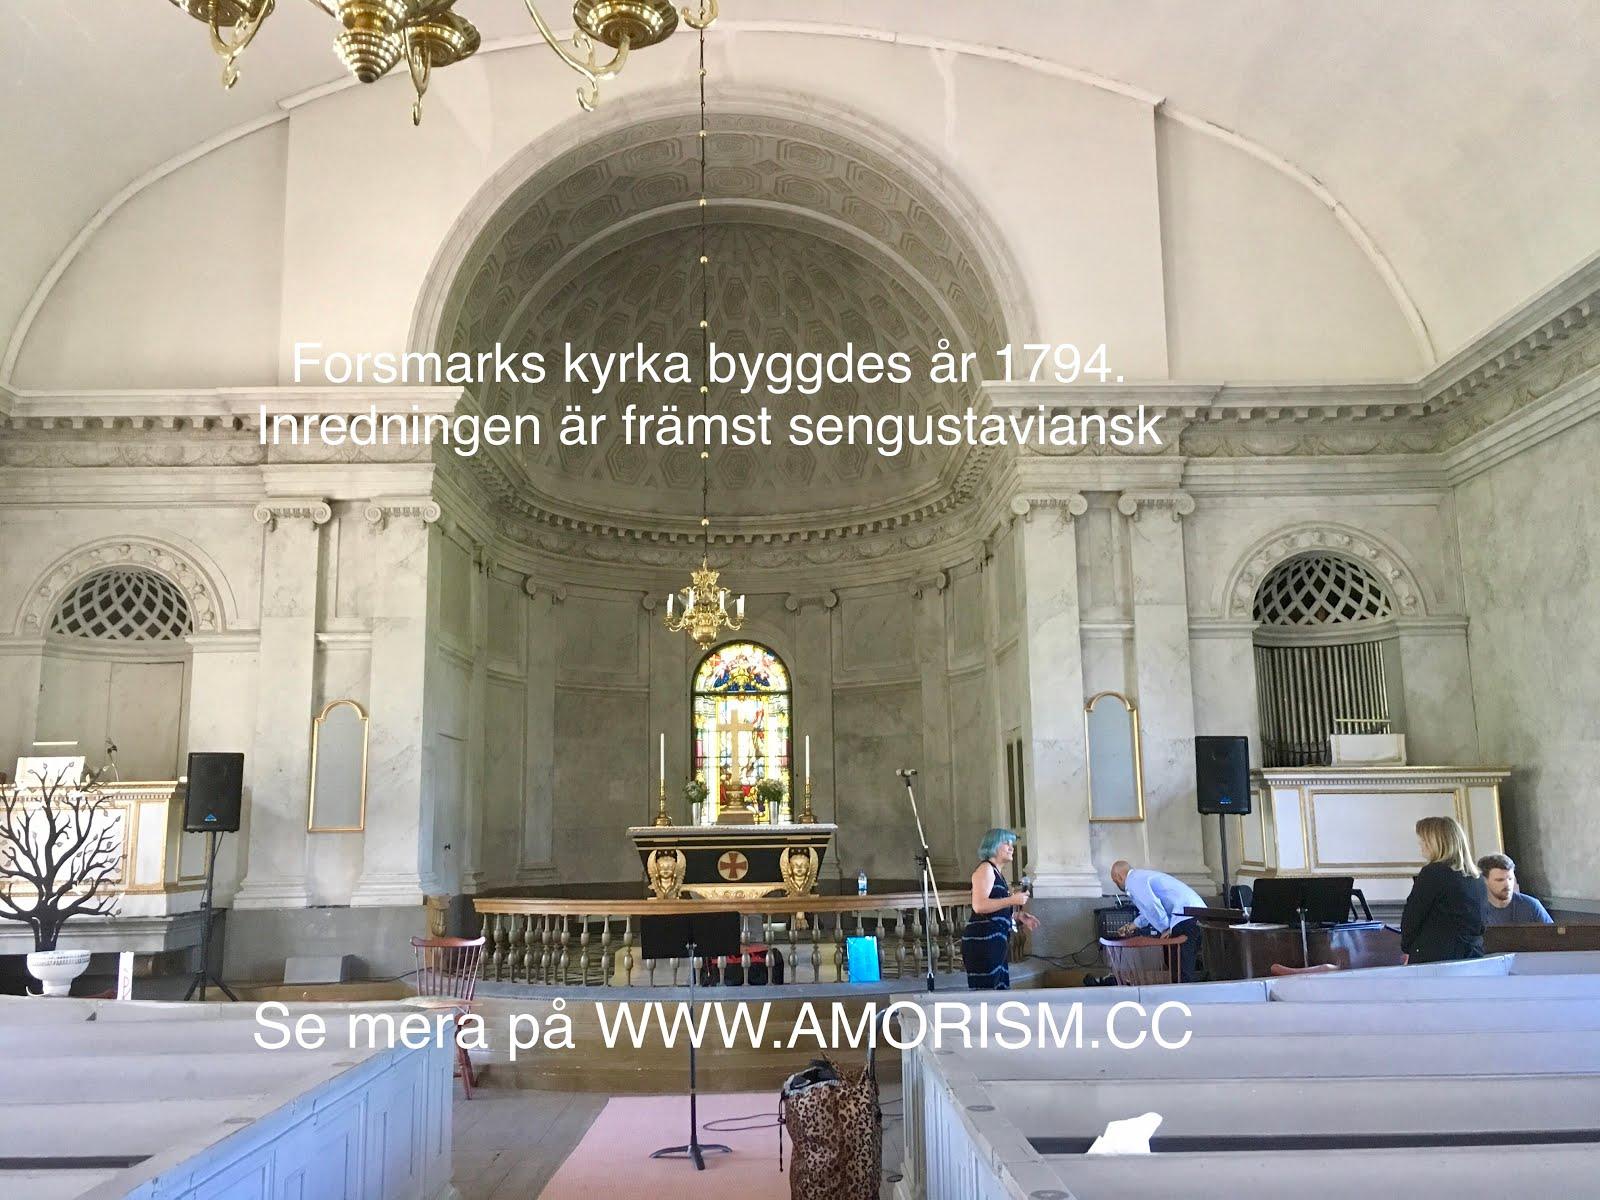 Bild jpg. Forsmarks kyrka interiör